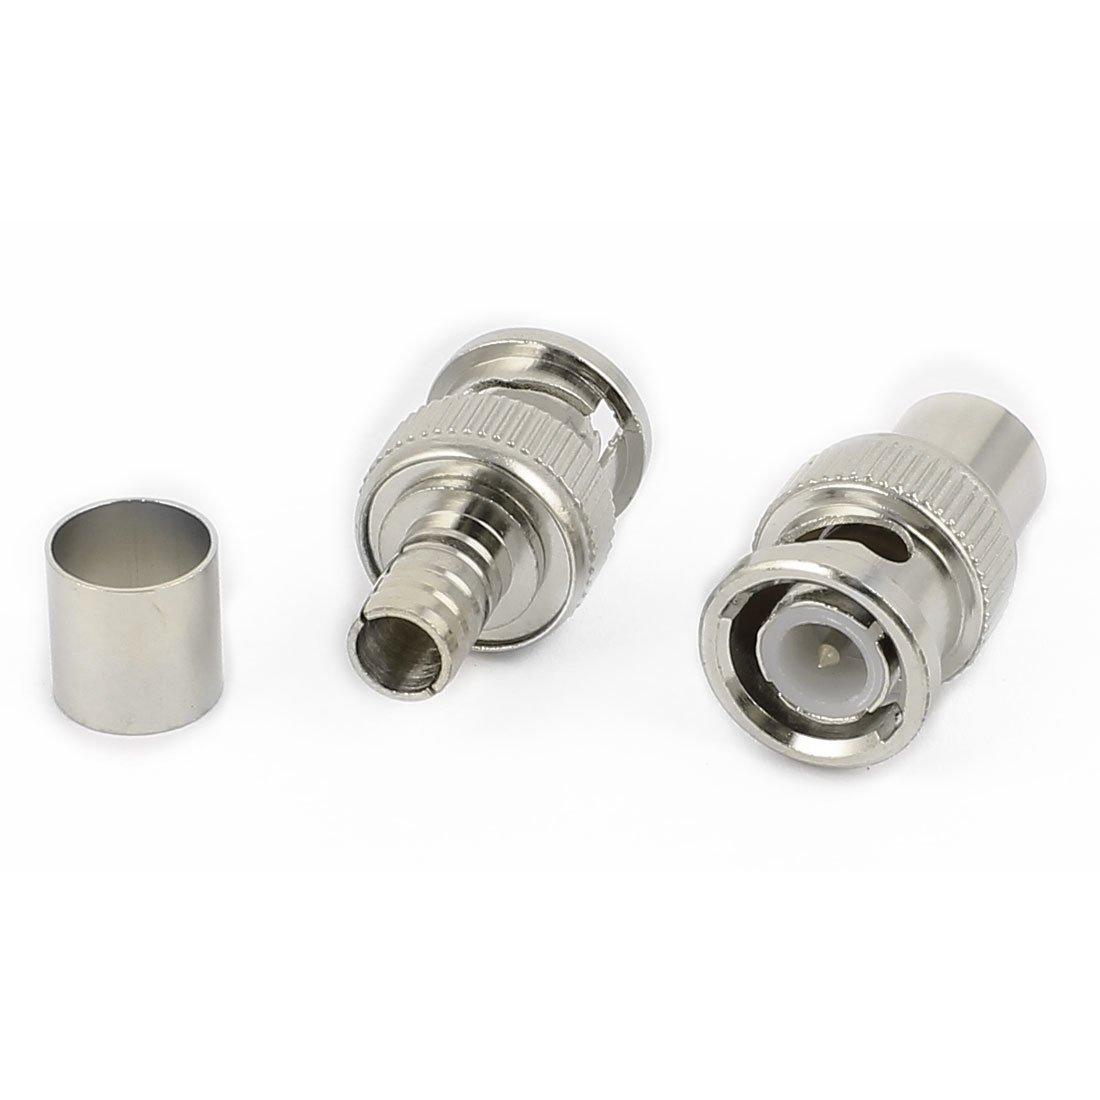 Amazon.com: eDealMax 10 Establece Crimp En Tipo 3 Conectores adaptador de Cable coaxial RG59 BNC Macho Piezas: Electronics